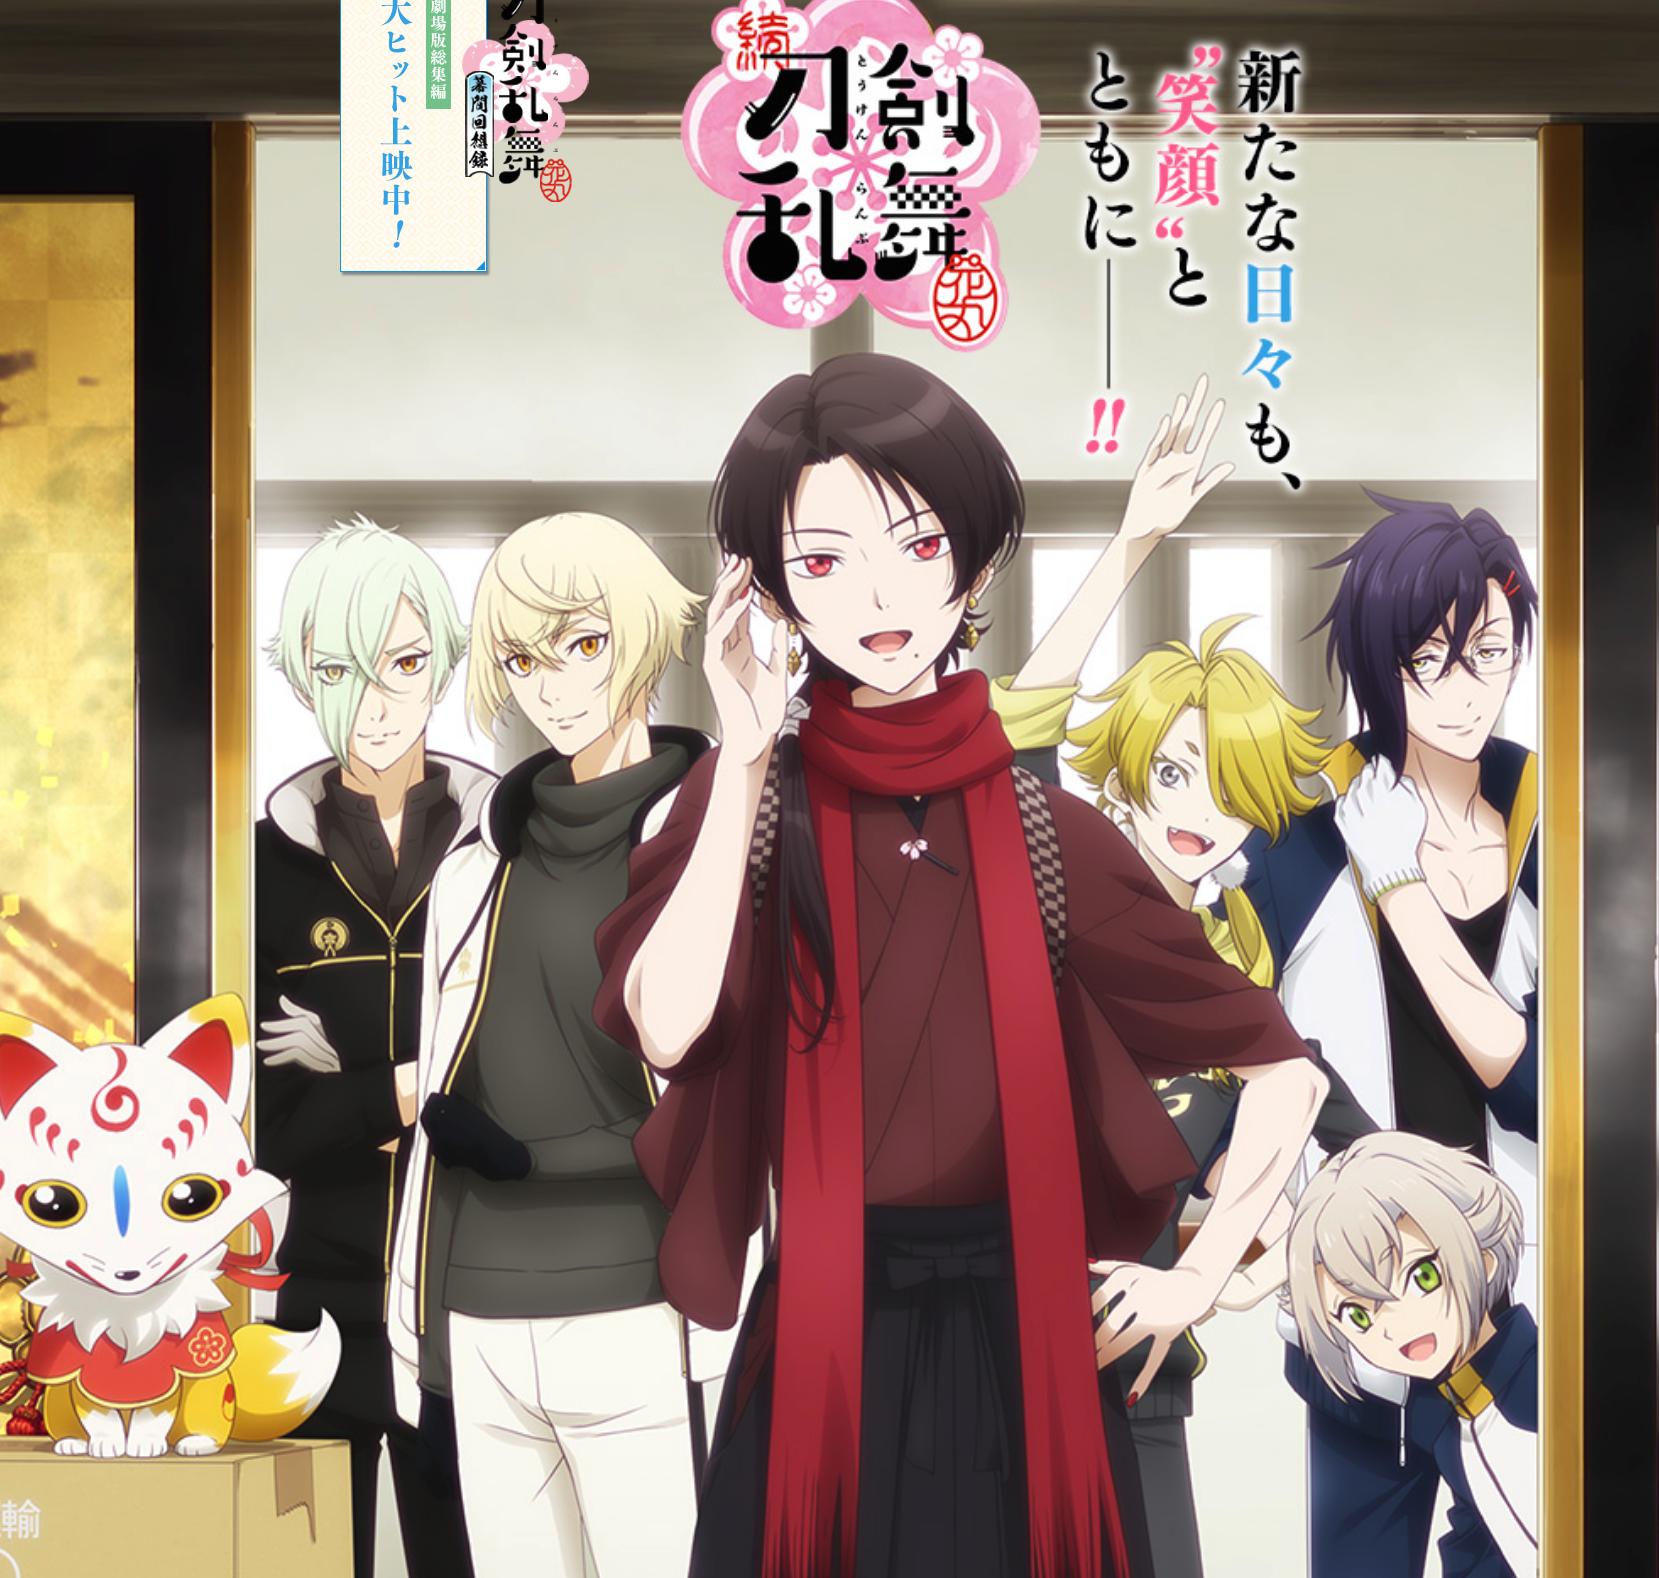 続『刀剣乱舞-花丸-』のアニメ公式サイトからの画像